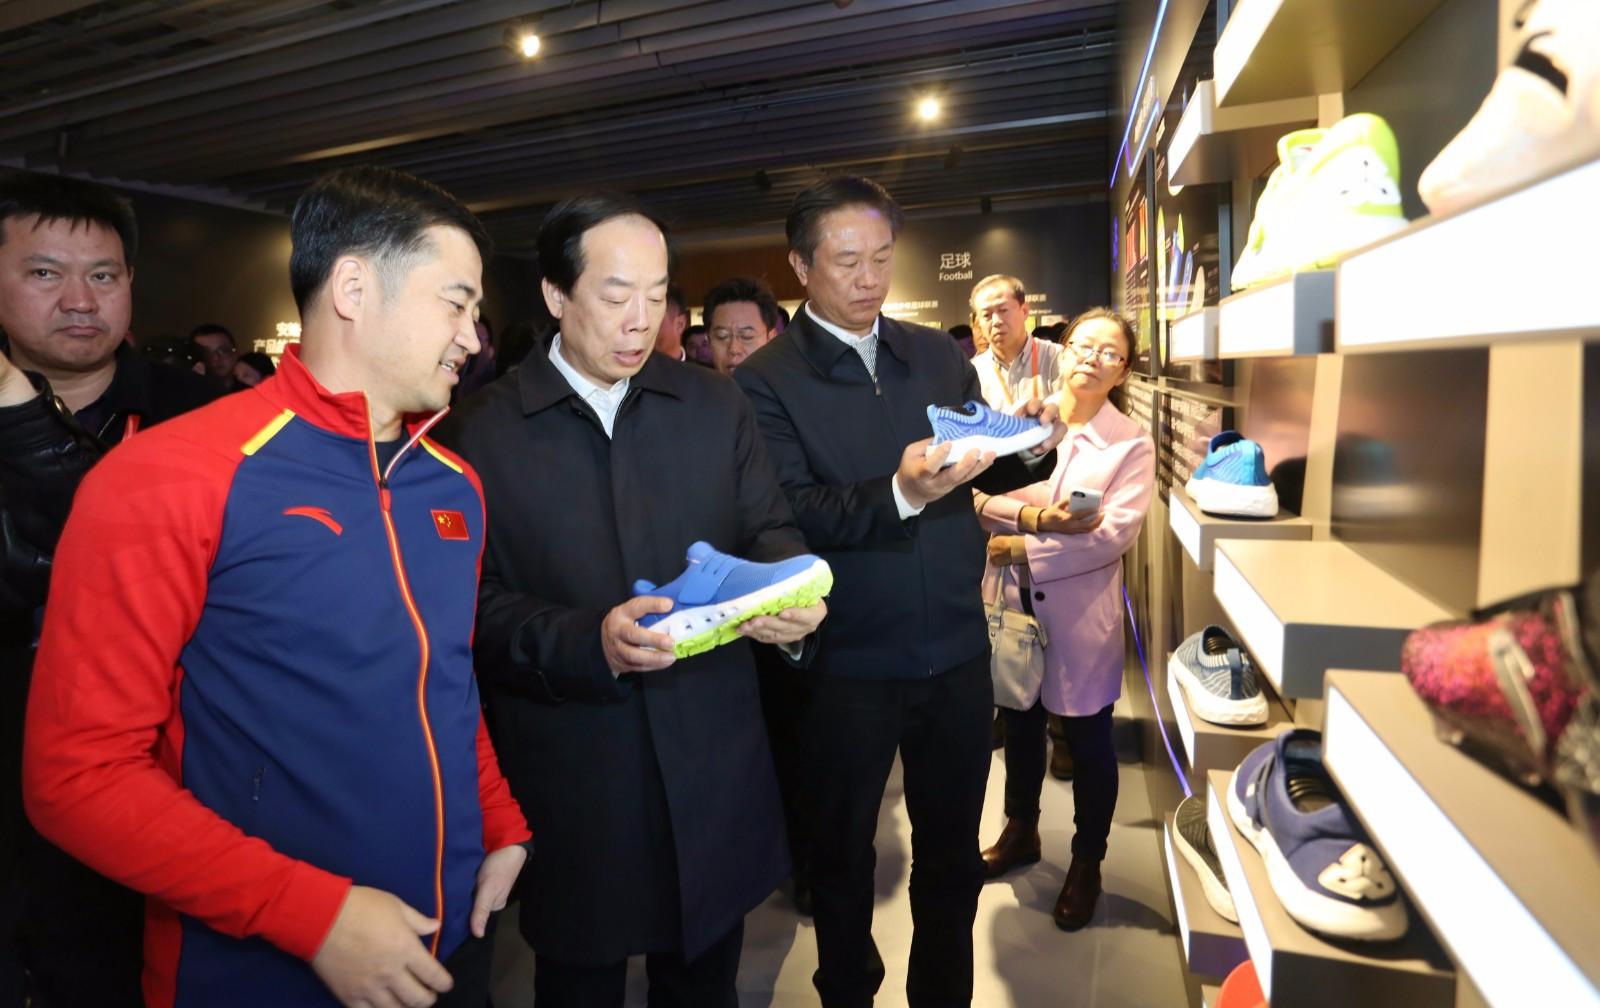 国家体育总局领导率队参观考察安踏集团晋江总